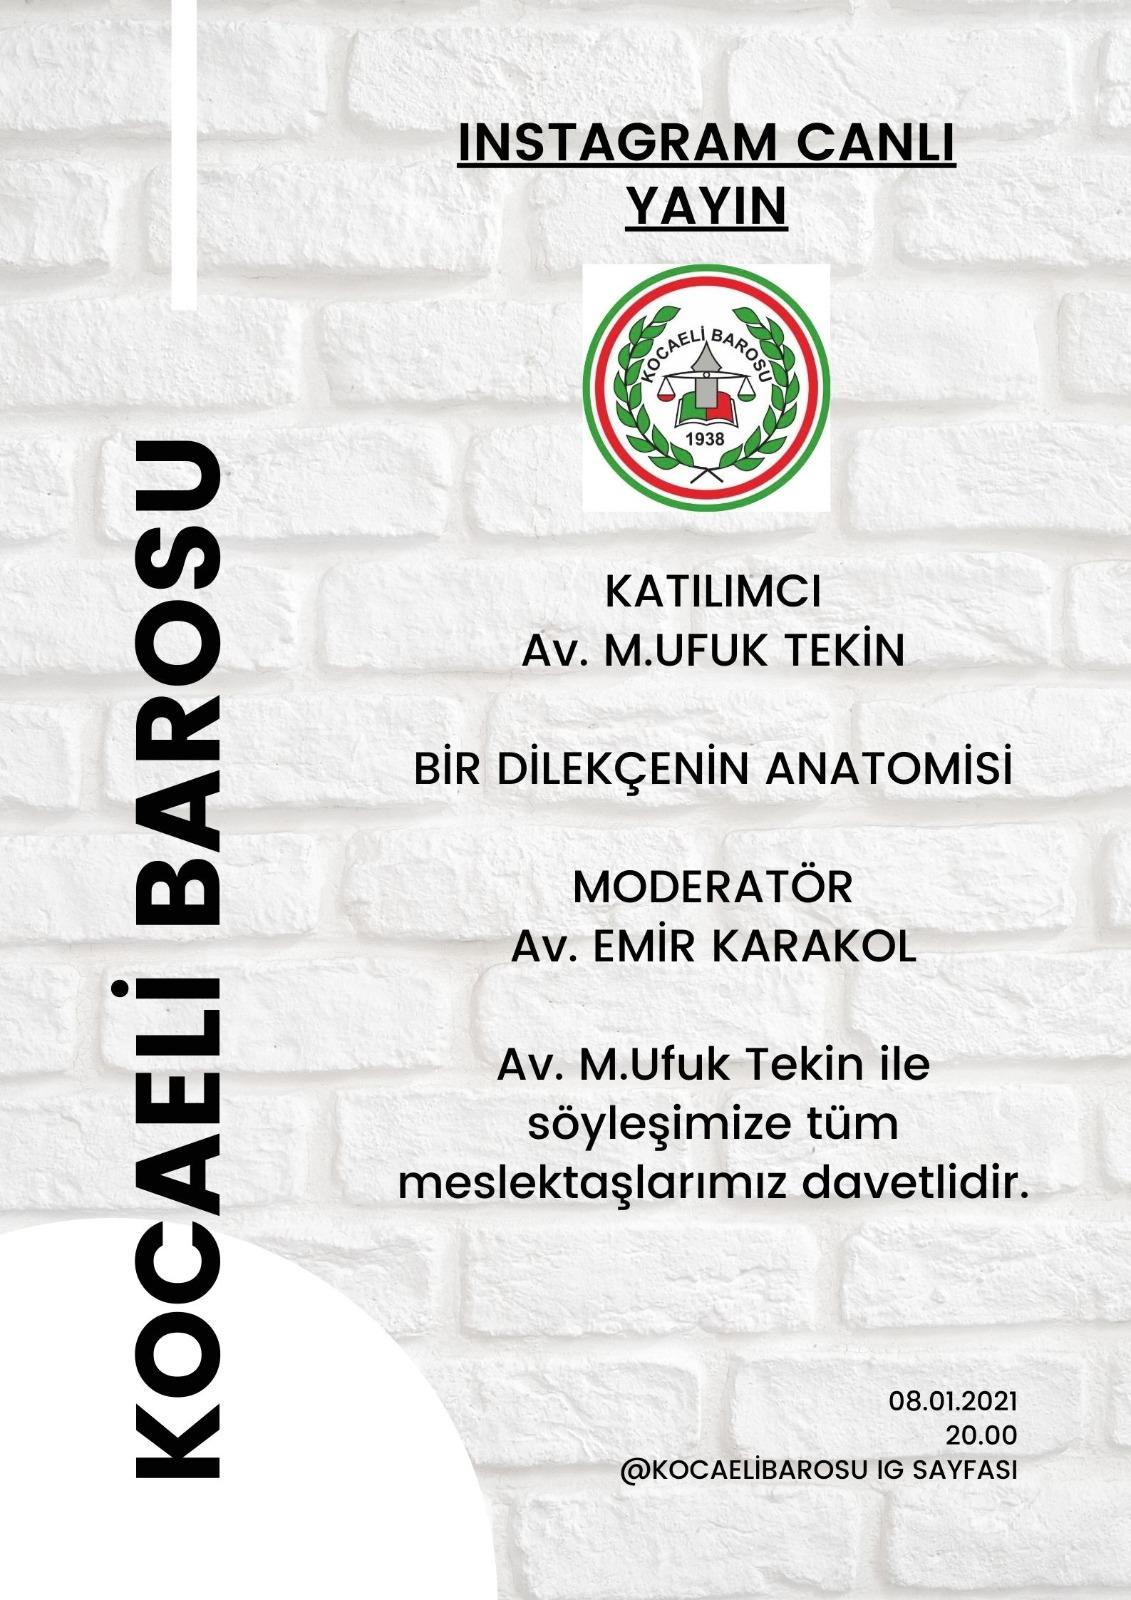 """""""BİR DİLEKÇENİN ANATOMİSİ"""" KONULU CANLI YAYIN"""